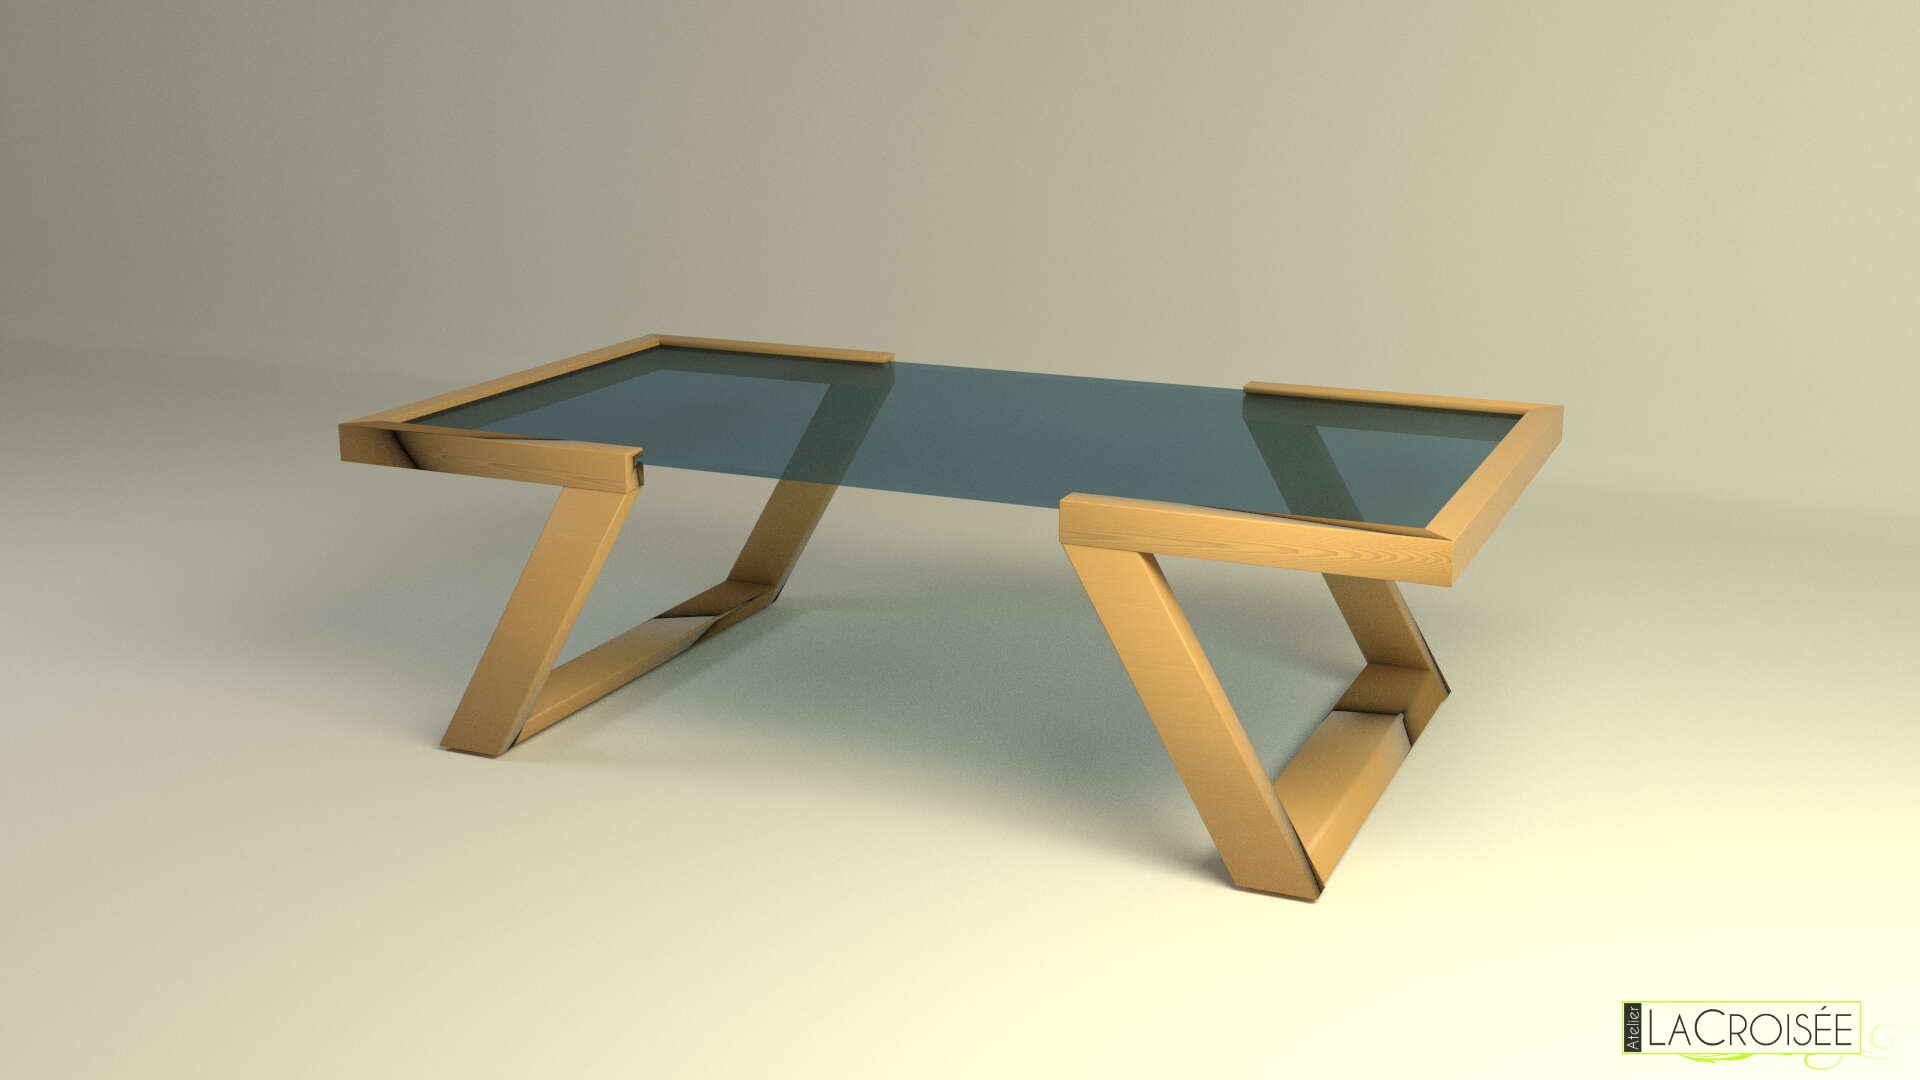 Modélisation Blender table basse